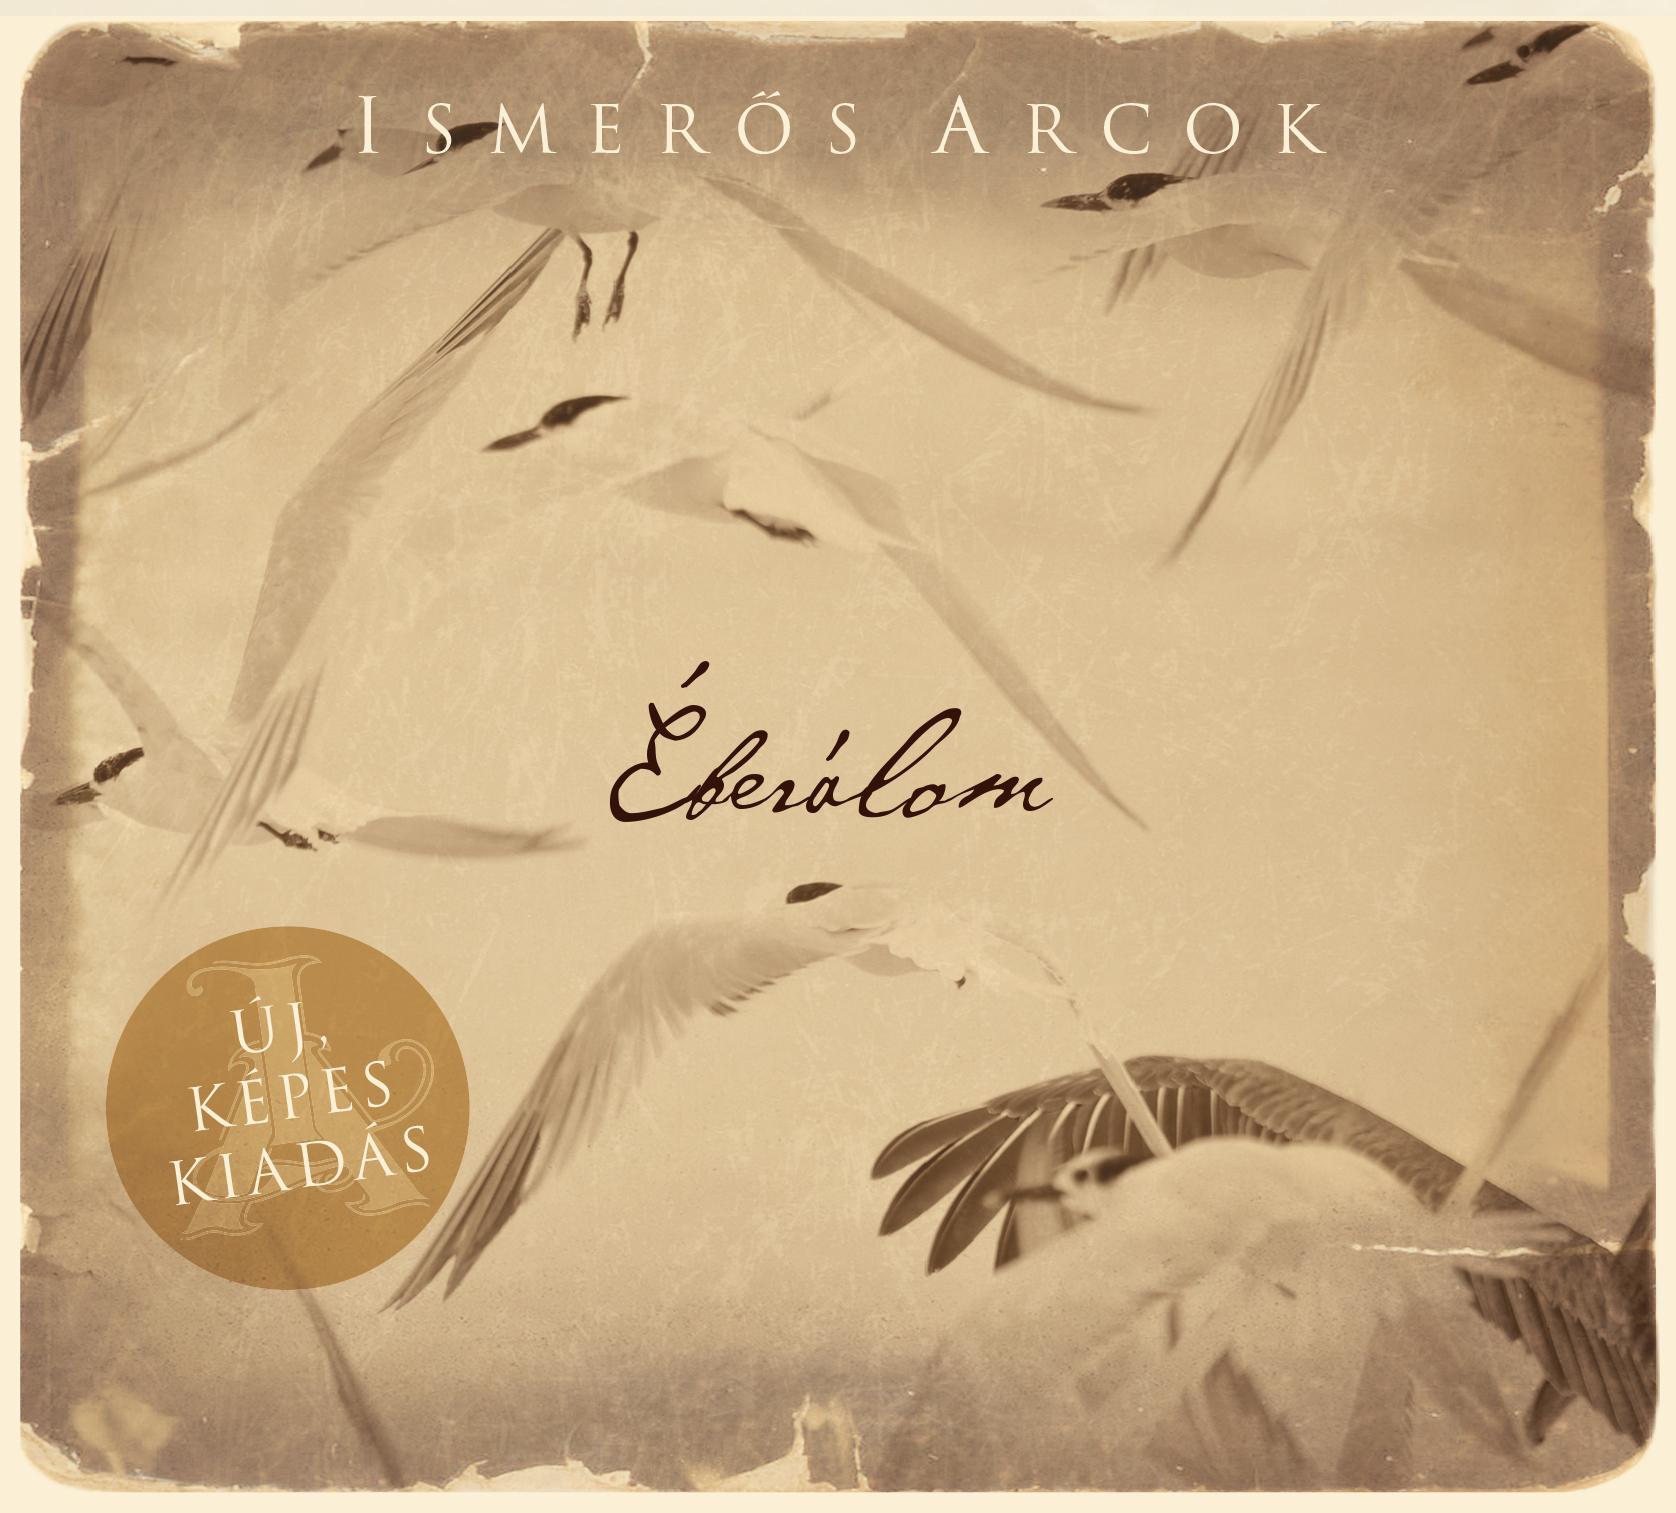 ÉBERÁLOM - ISMERŐS ARCOK - CD - (ÚJ, KÉPES KIADÁS)